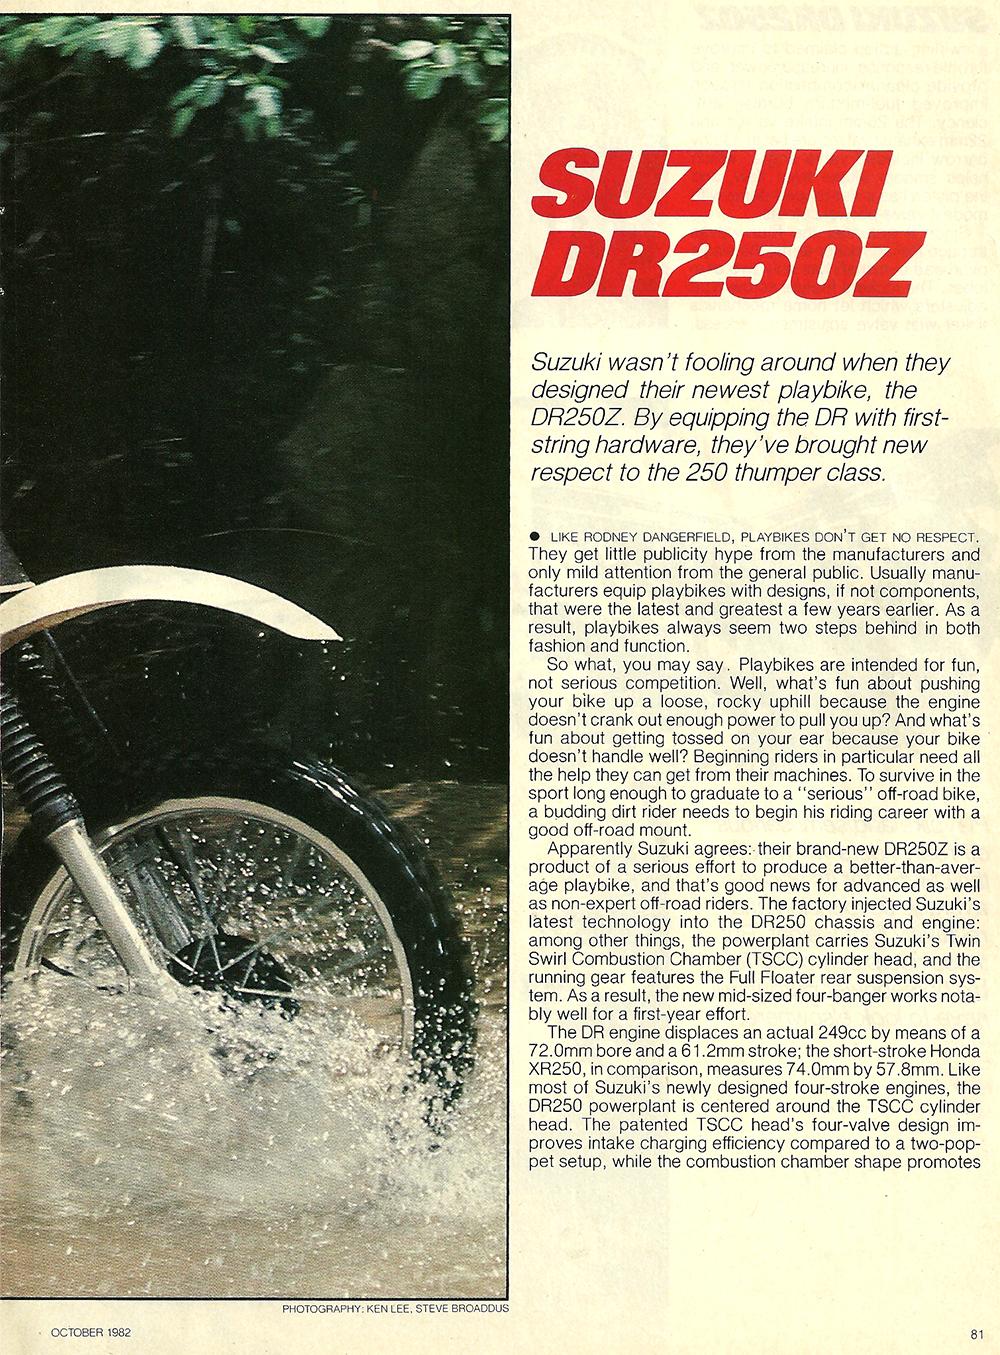 1982 Suzuki DR250Z road test 2.jpg